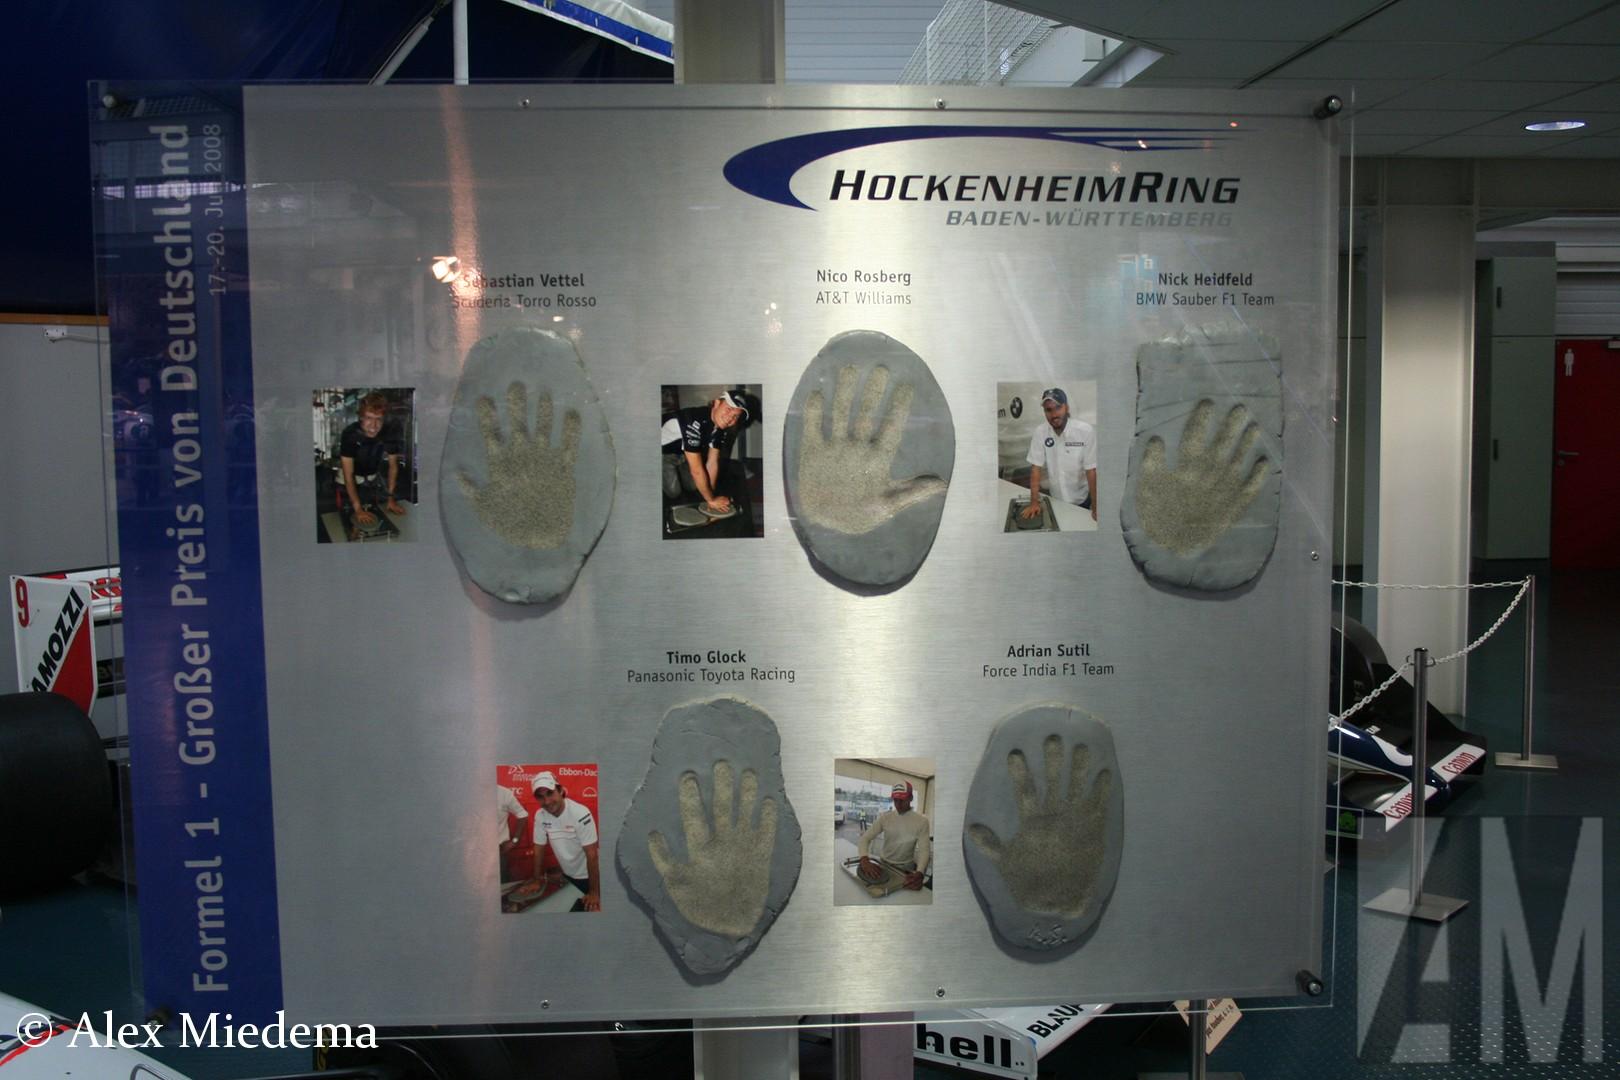 Op 26 april 2011 kwam ik om 16:40 aan bij het Motor Sport Museum am Hockenheimring, een paar dagen voor er een DTM race op de Hockenheimring verreden zou worden. Helaas ging het museum om 17:00 dicht, dus echt veel (en mooie) foto's maken was er helaas niet bij... Maar toch wel de moeite waard om even te laten zien. Vorig jaar viel het me in het nabijgelegen Op 26 april 2011 kwam ik om 16:40 aan bij het Motor Sport Museum am Hockenheimring, een paar dagen voor er een DTM race op de Hockenheimring verreden zou worden. Helaas ging het museum om 17:00 dicht, dus echt veel (en mooie) foto's maken was er helaas niet bij... Maar toch wel de moeite waard om even te laten zien. Vorig jaar viel het me in het nabijgelegen Op 26 april 2011 kwam ik om 16:40 aan bij het Motor Sport Museum am Hockenheimring, een paar dagen voor er een DTM race op de Hockenheimring verreden zou worden. Helaas ging het museum om 17:00 dicht, dus echt veel (en mooie) foto's maken was er helaas niet bij... Maar toch wel de moeite waard om even te laten zien. Vorig jaar viel het me in het nabijgelegen Op 26 april 2011 kwam ik om 16:40 aan bij het Motor Sport Museum am Hockenheimring, een paar dagen voor er een DTM race op de Hockenheimring verreden zou worden. Helaas ging het museum om 17:00 dicht, dus echt veel (en mooie) foto's maken was er helaas niet bij... Maar toch wel de moeite waard om even te laten zien. Vorig jaar viel het me in het nabijgelegen Op 26 april 2011 kwam ik om 16:40 aan bij het Motor Sport Museum am Hockenheimring, een paar dagen voor er een DTM race op de Hockenheimring verreden zou worden. Helaas ging het museum om 17:00 dicht, dus echt veel (en mooie) foto's maken was er helaas niet bij... Maar toch wel de moeite waard om even te laten zien. Vorig jaar viel het me in het nabijgelegen Op 26 april 2011 kwam ik om 16:40 aan bij het Motor Sport Museum am Hockenheimring, een paar dagen voor er een DTM race op de Hockenheimring verreden zou worden. Helaas ging het museum om 17:00 d